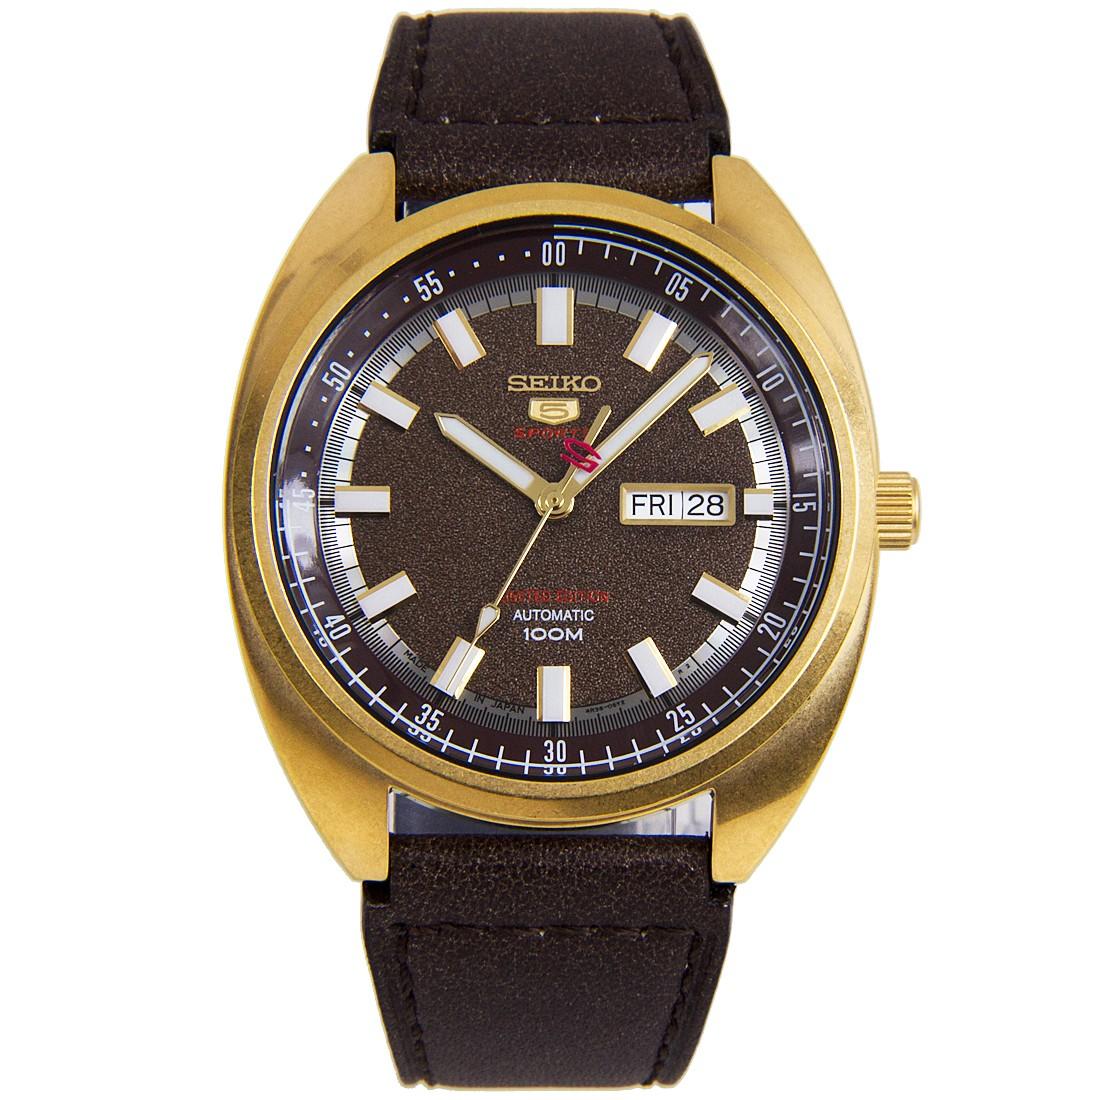 นาฬิกาผู้ชาย Seiko รุ่น SRPB74J1, 5 Sports Automatic Limited Edition Japan